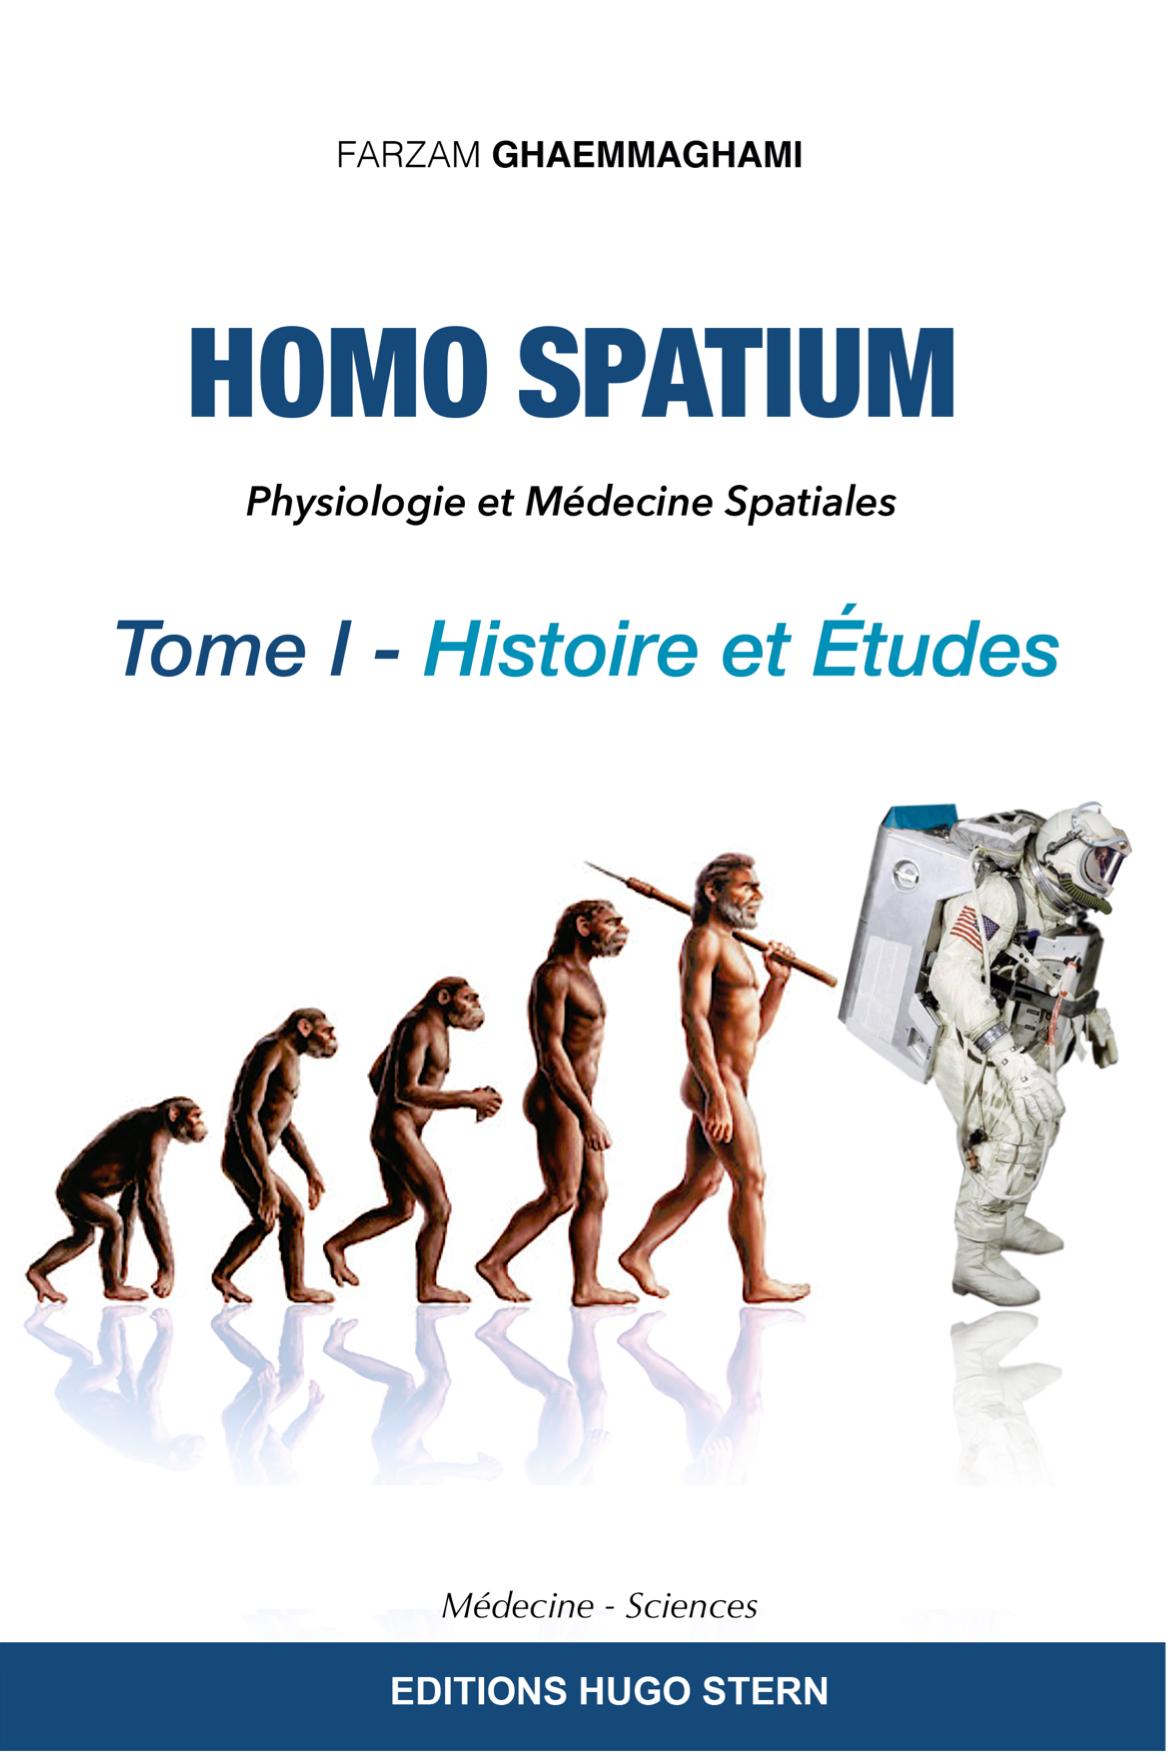 Physiologie et Médecine spatiales -  Tome I Histoire et études